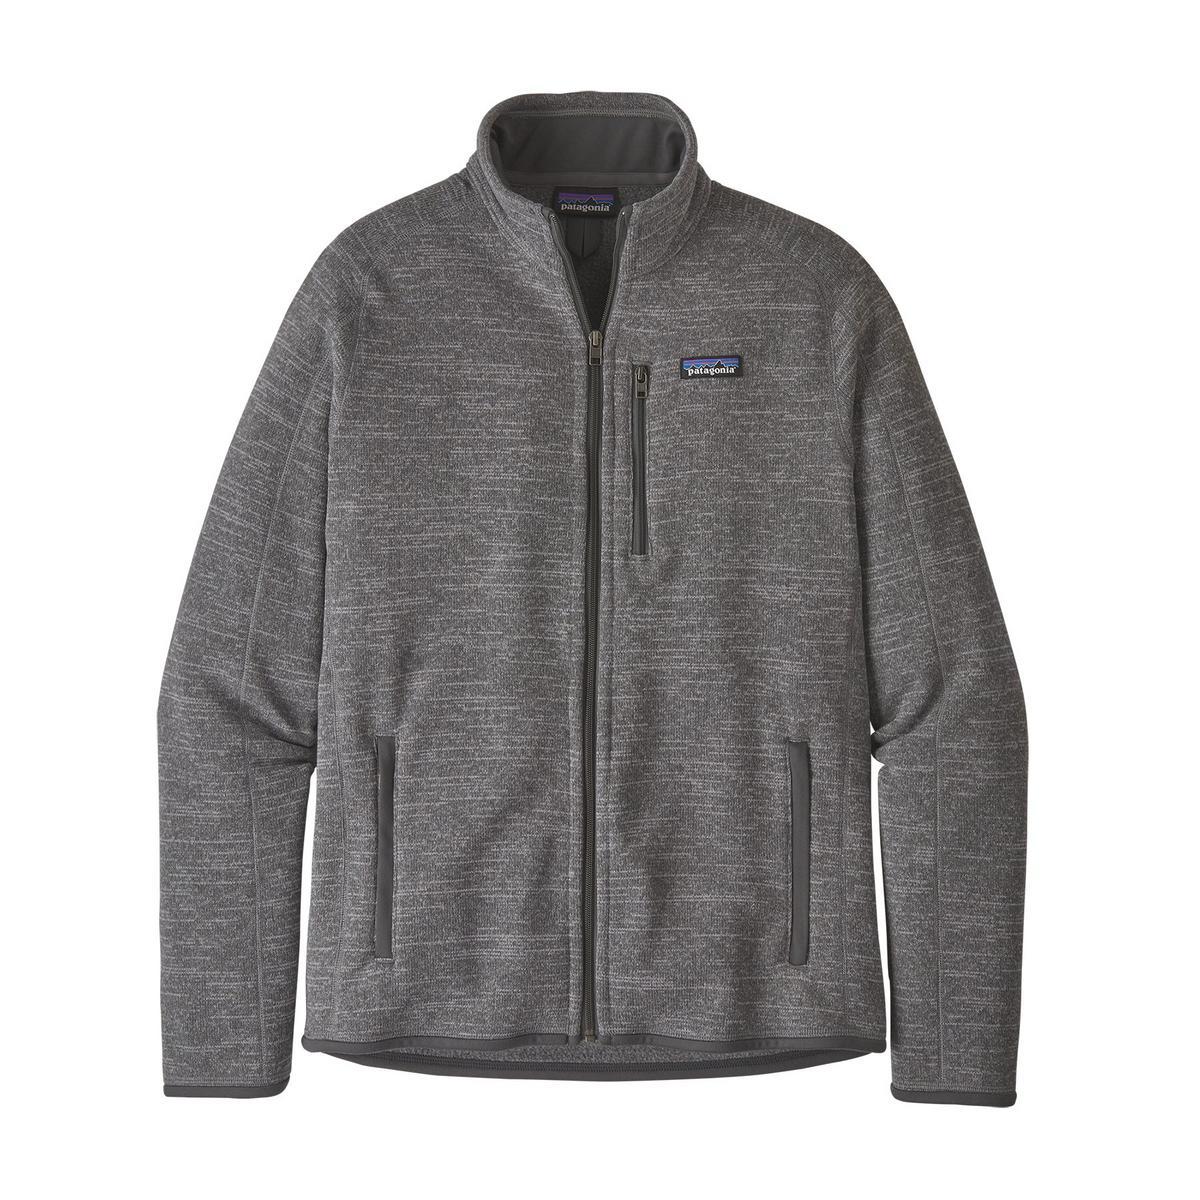 Patagonia Men's Better Sweater Jacket - Nickel